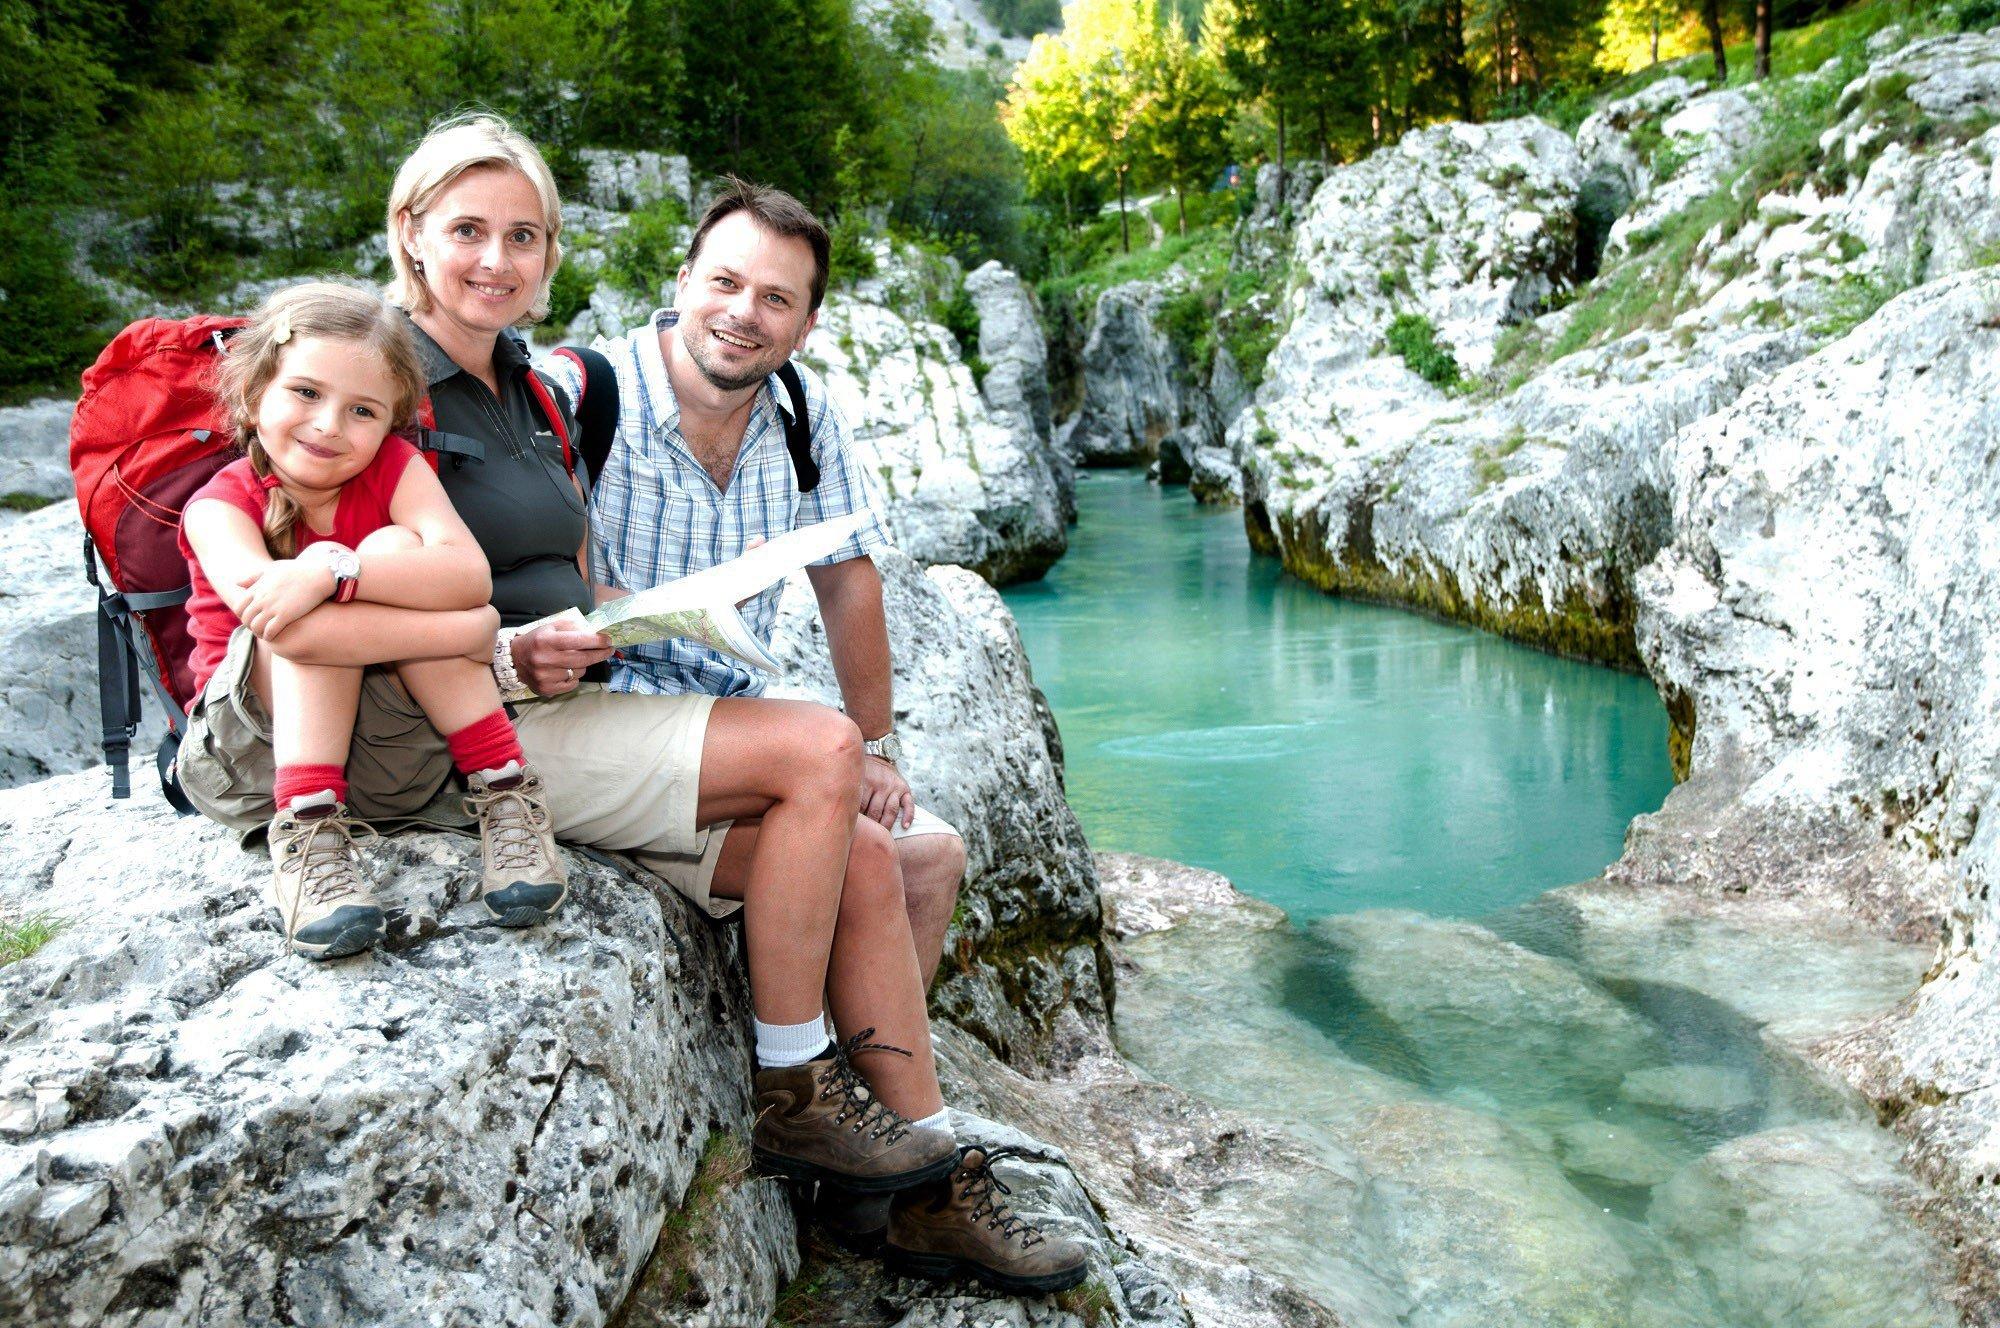 Dagaanbieding - 6 of 8 dagen met de hele familie in de prachtige bergen van Tirol o.b.v. all-inclusive dagelijkse koopjes